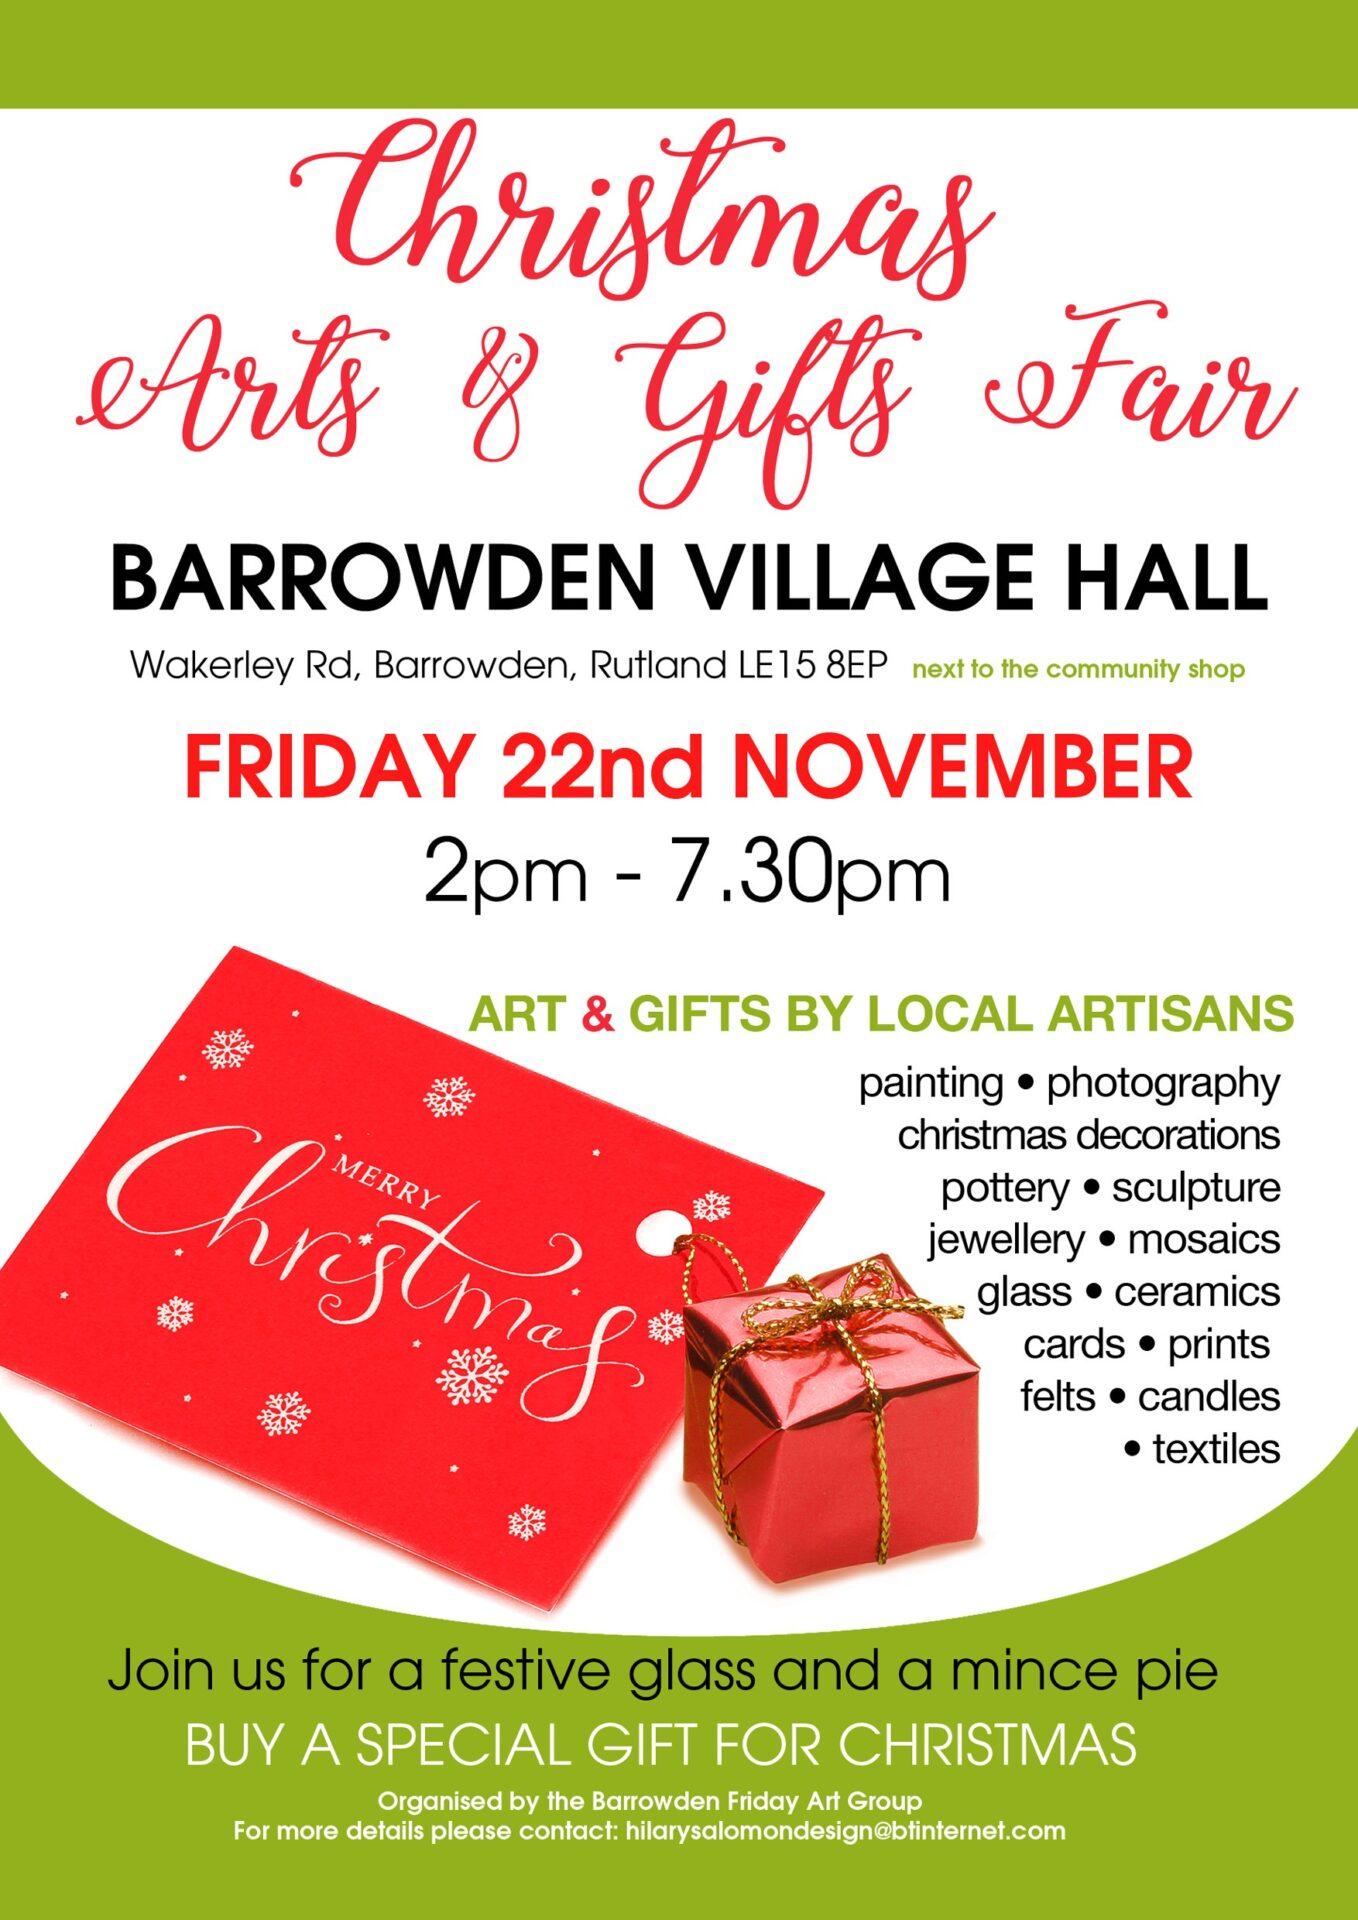 Barrowden Village Hall